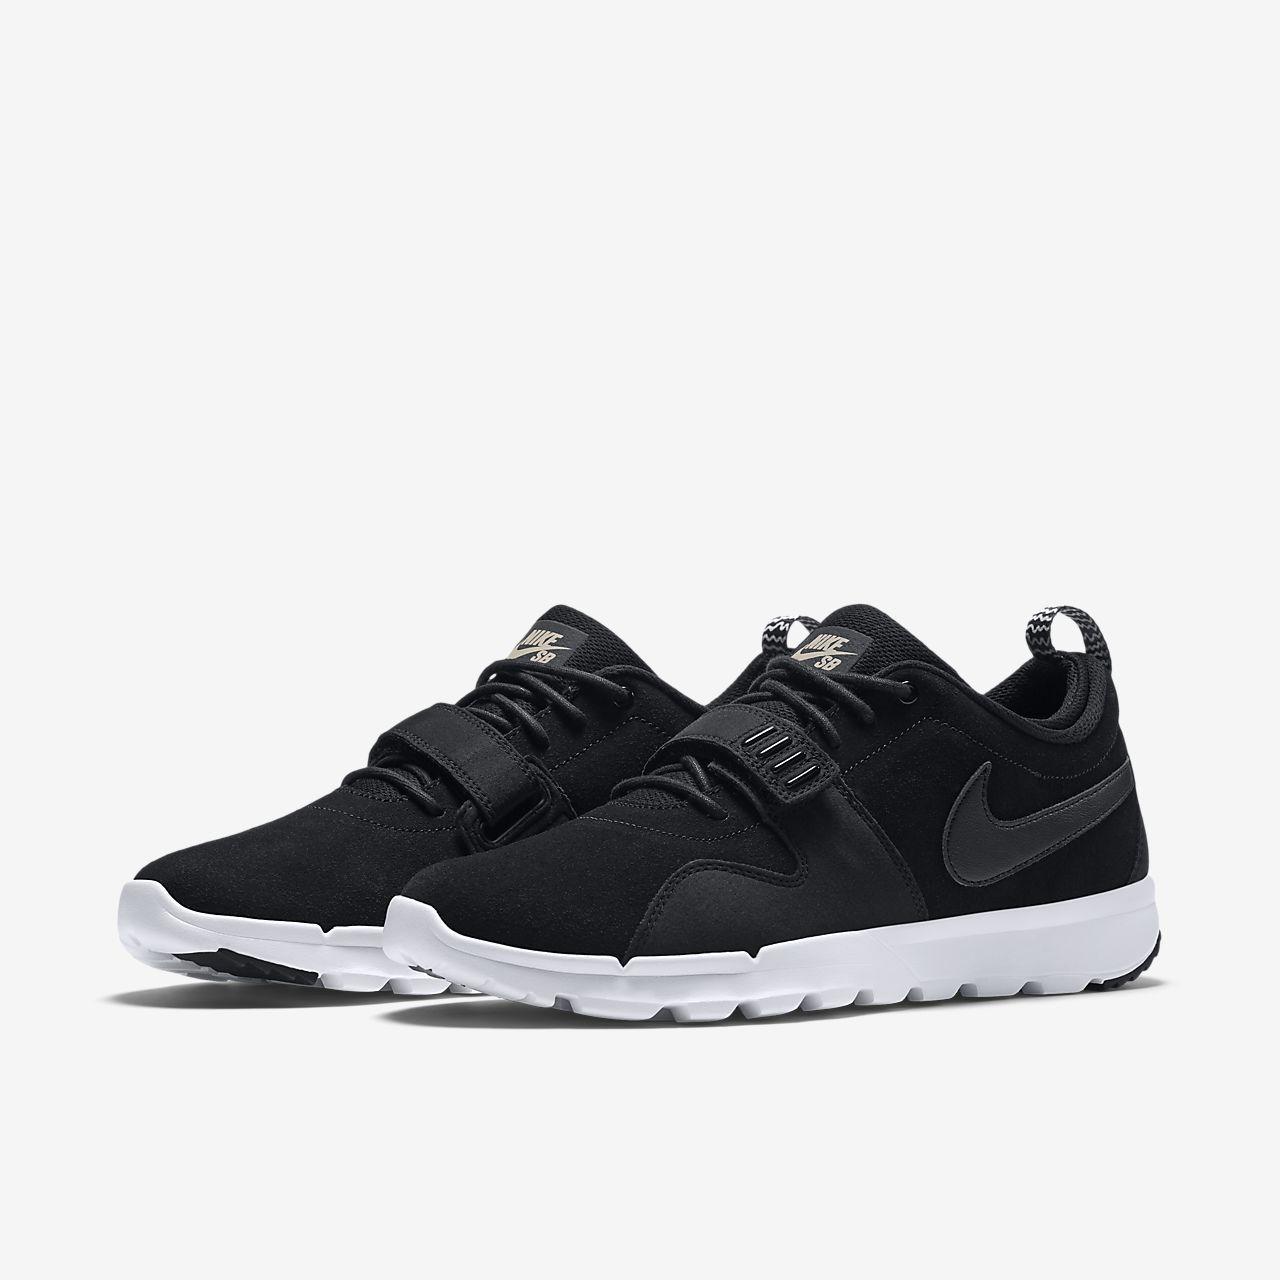 10c693881d57 Nike SB Trainerendor Leather Men s Shoe